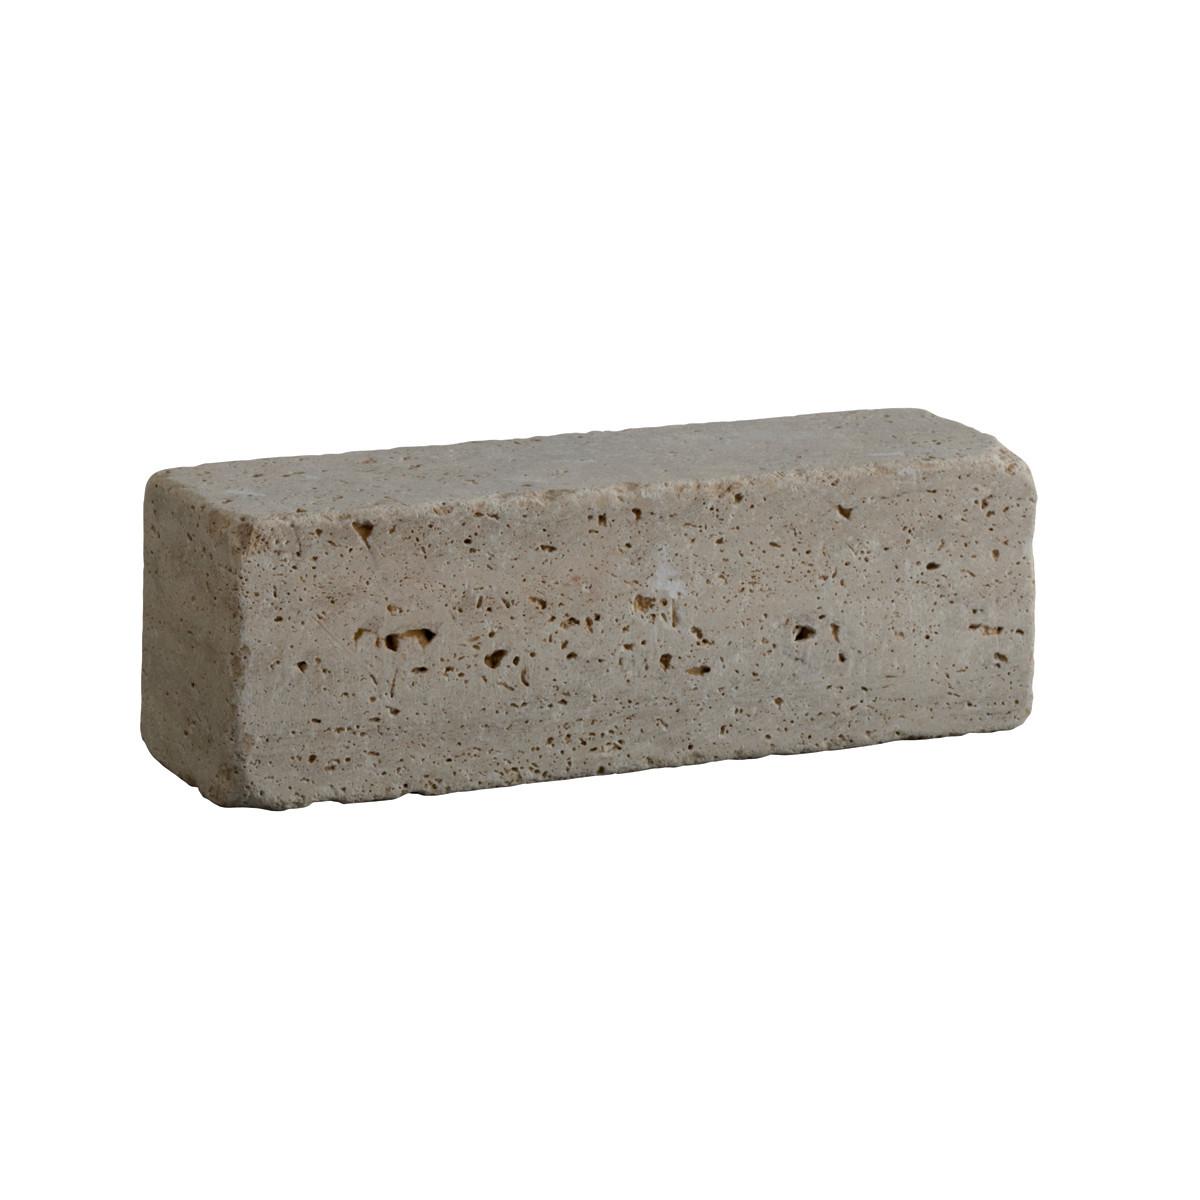 Blocco blocchetto travertino in pietra prezzi e offerte for Sdraio leroy merlin prezzi